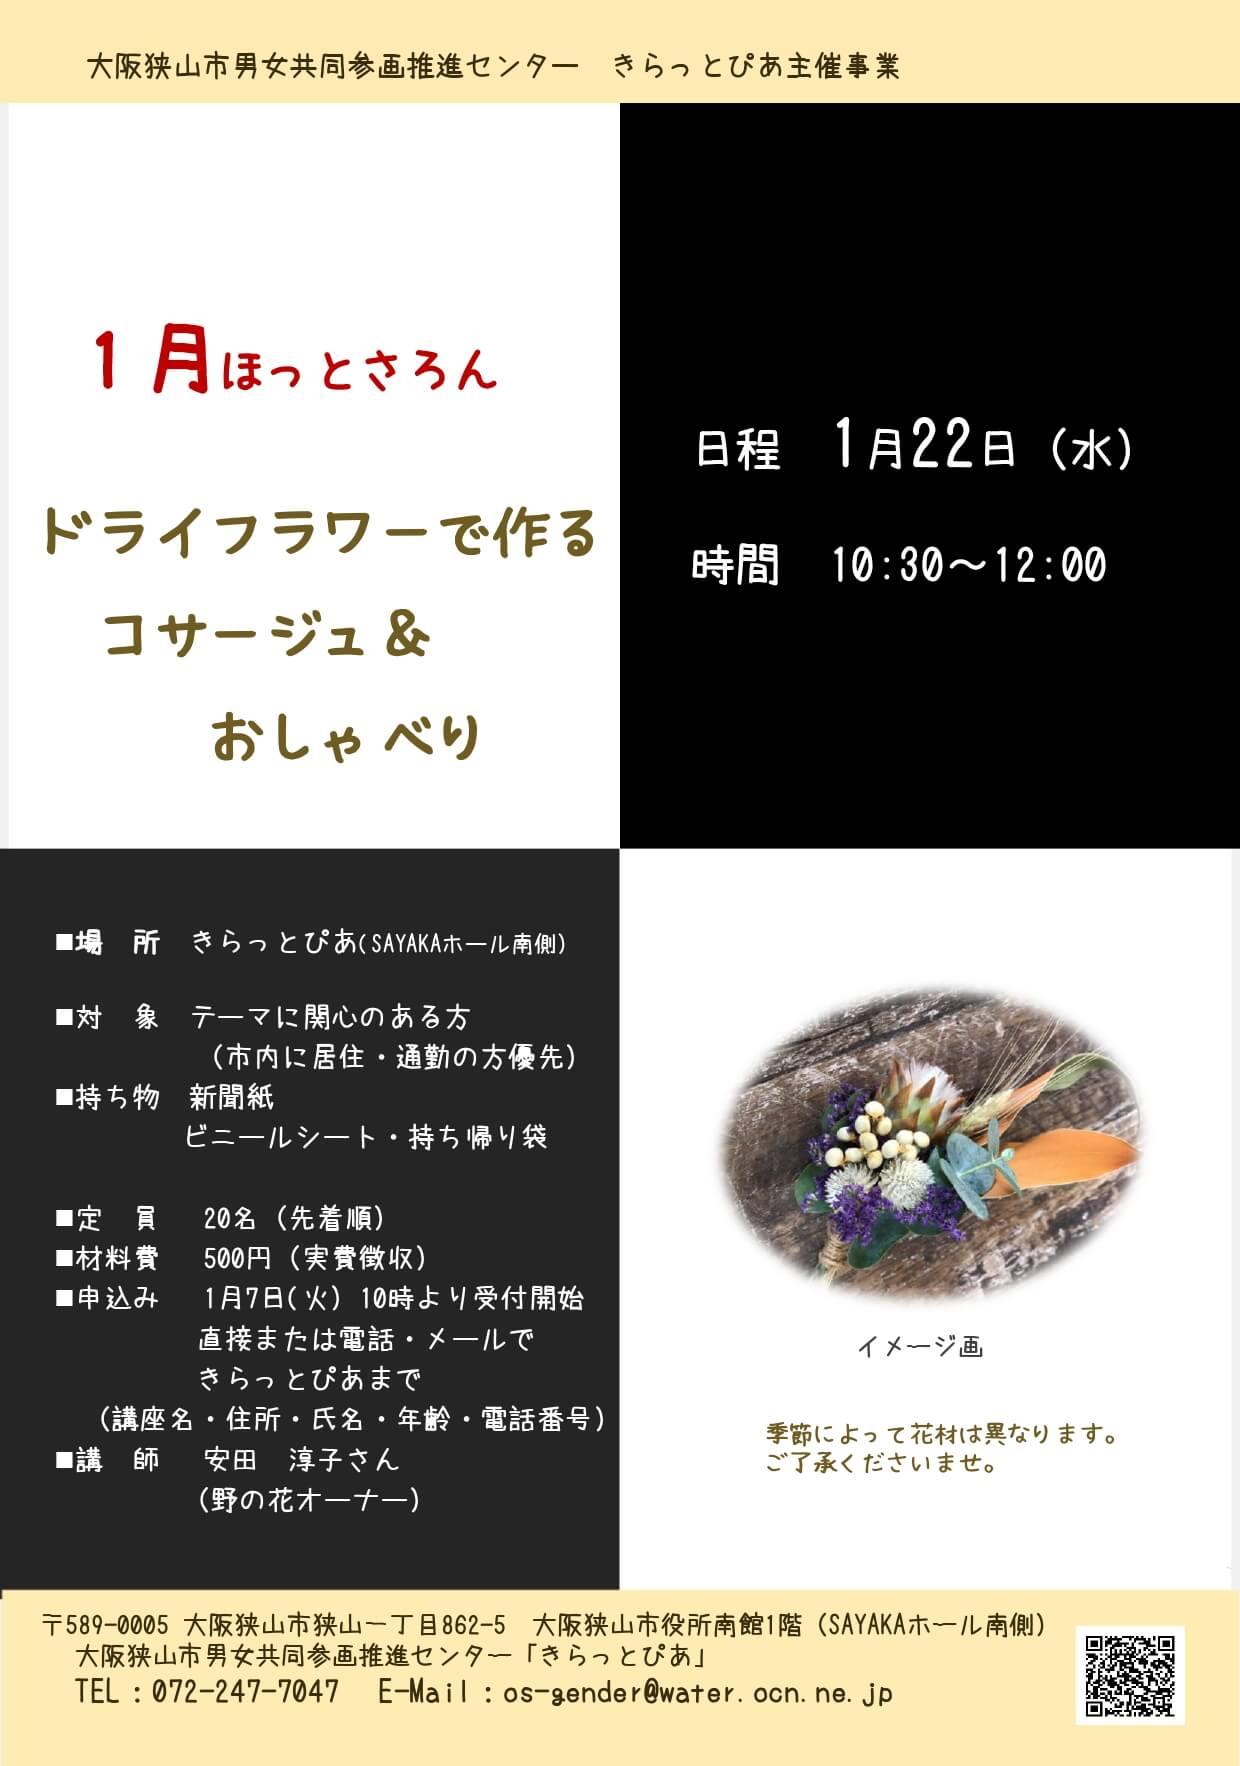 【1月22日】ドライフラワーで作るコサージュ&おしゃべり